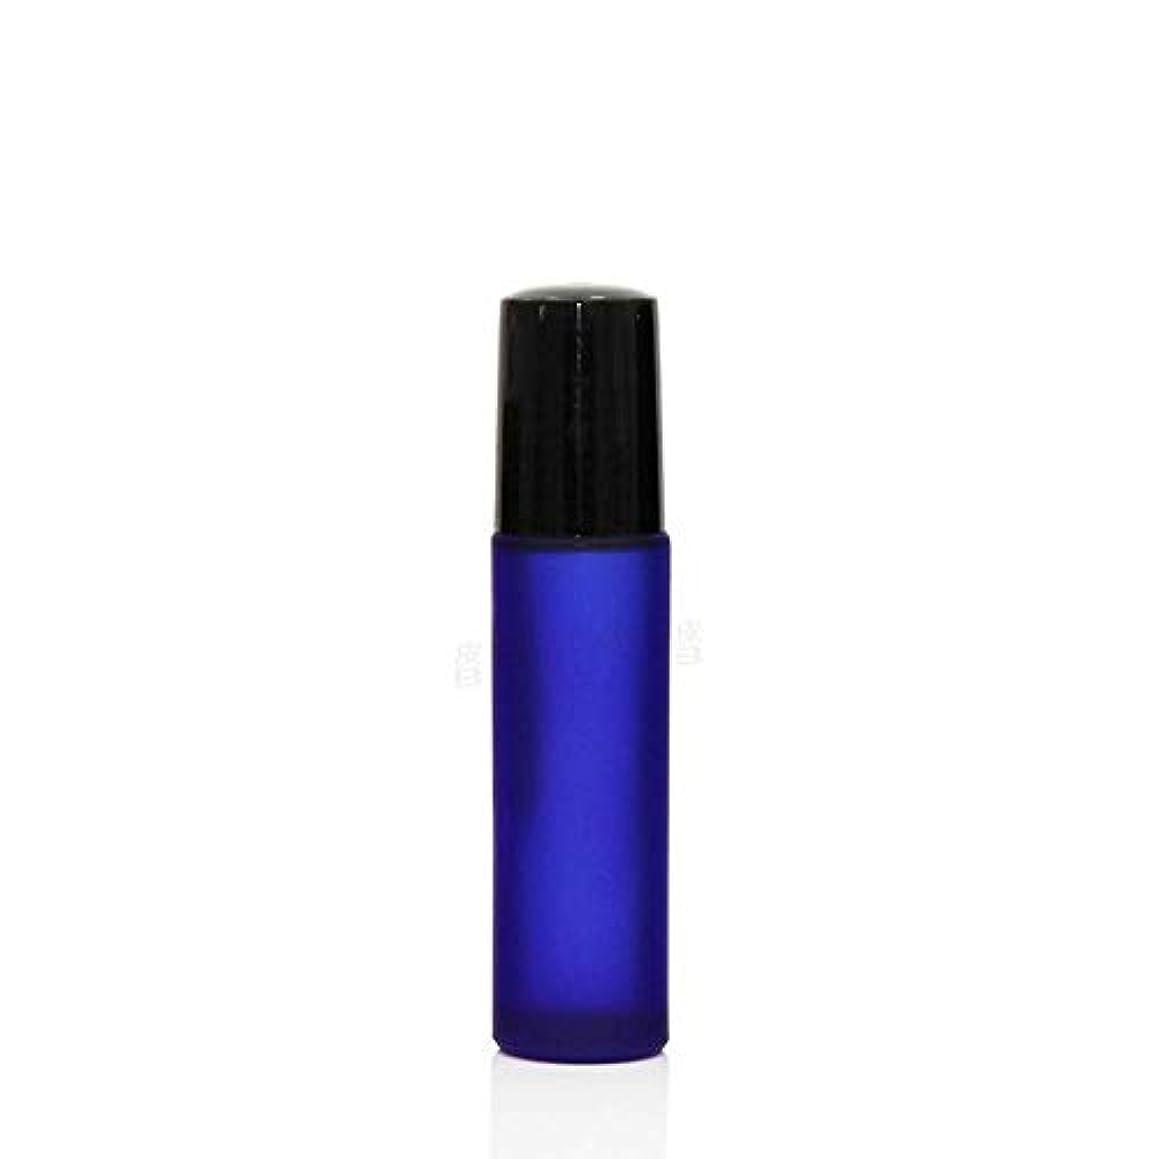 路地夏手荷物Simg ロールオンボトル アロマオイル 精油 小分け用 遮光瓶 10ml 10本セット ガラスロールタイプ (ブルー)